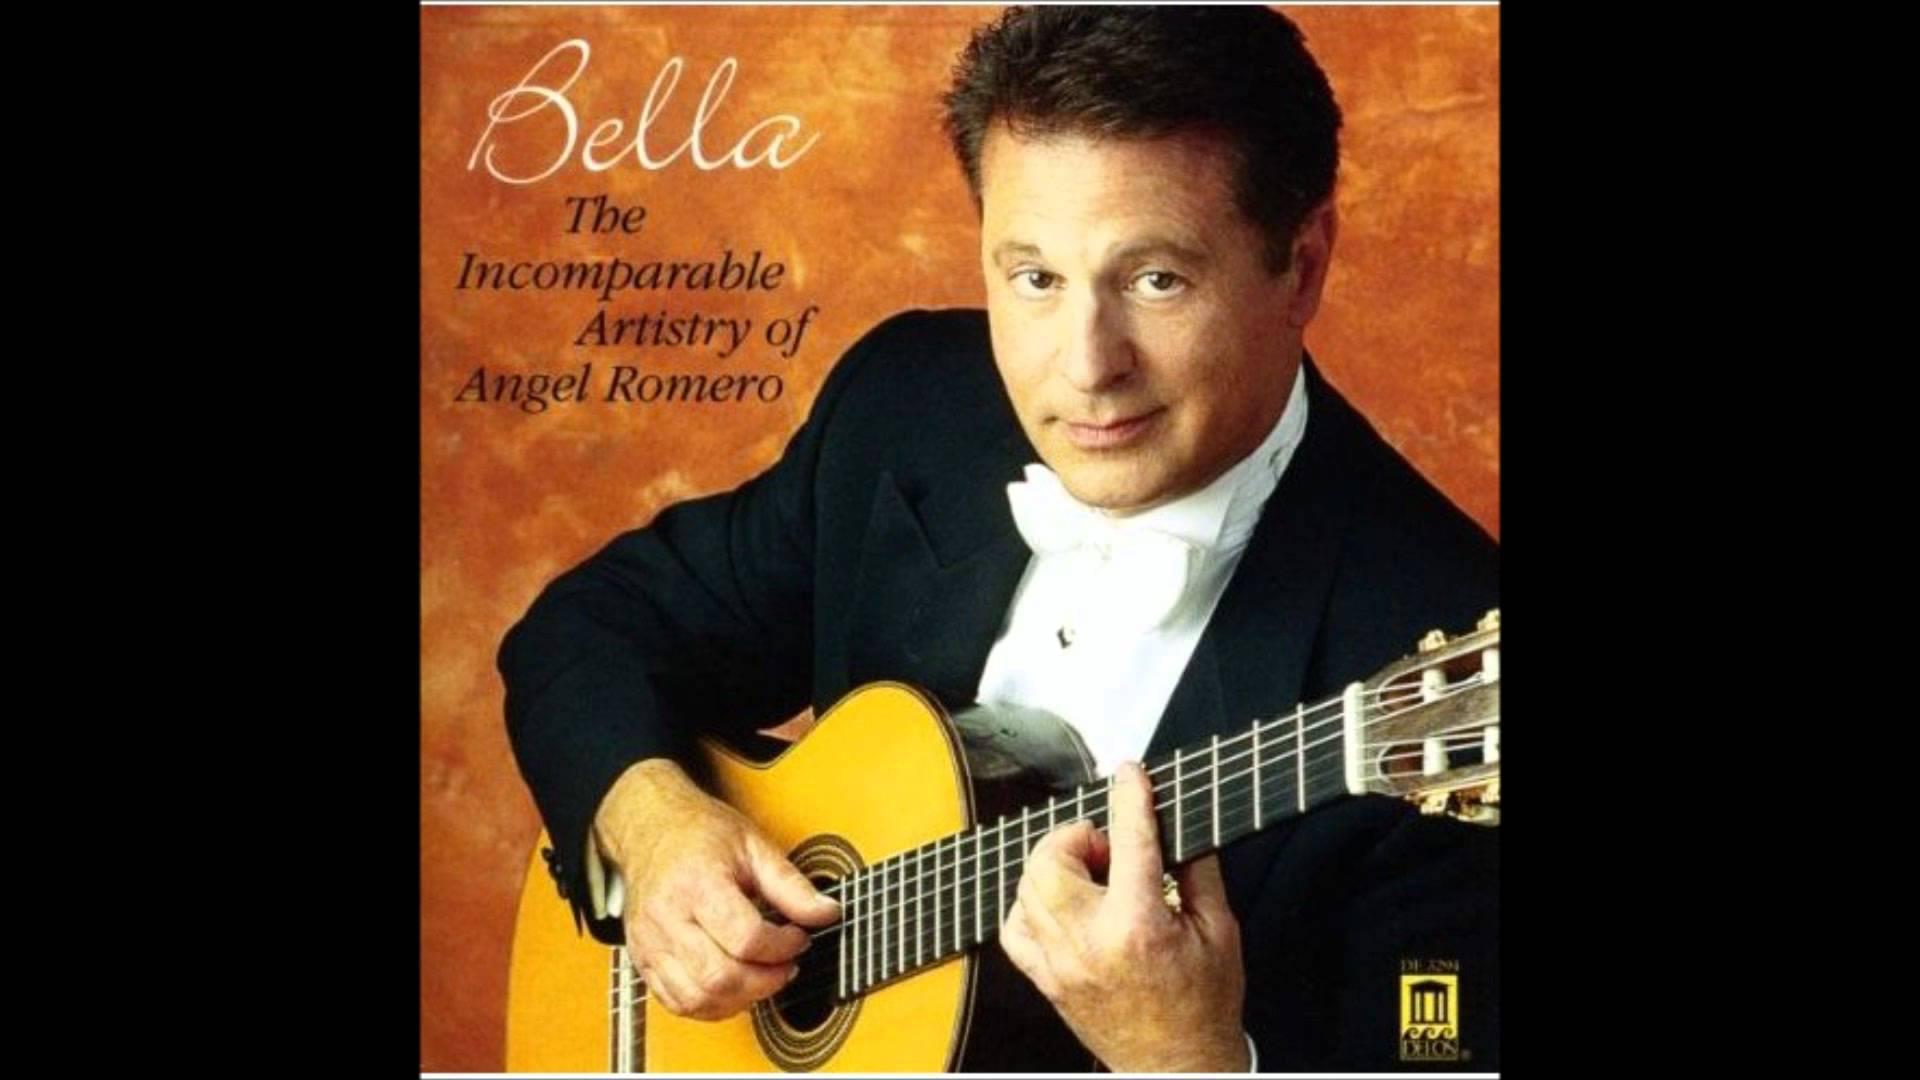 染みわたる叙情的なメロディ A.ロメロが弾くベートーヴェンの『アダージョ』